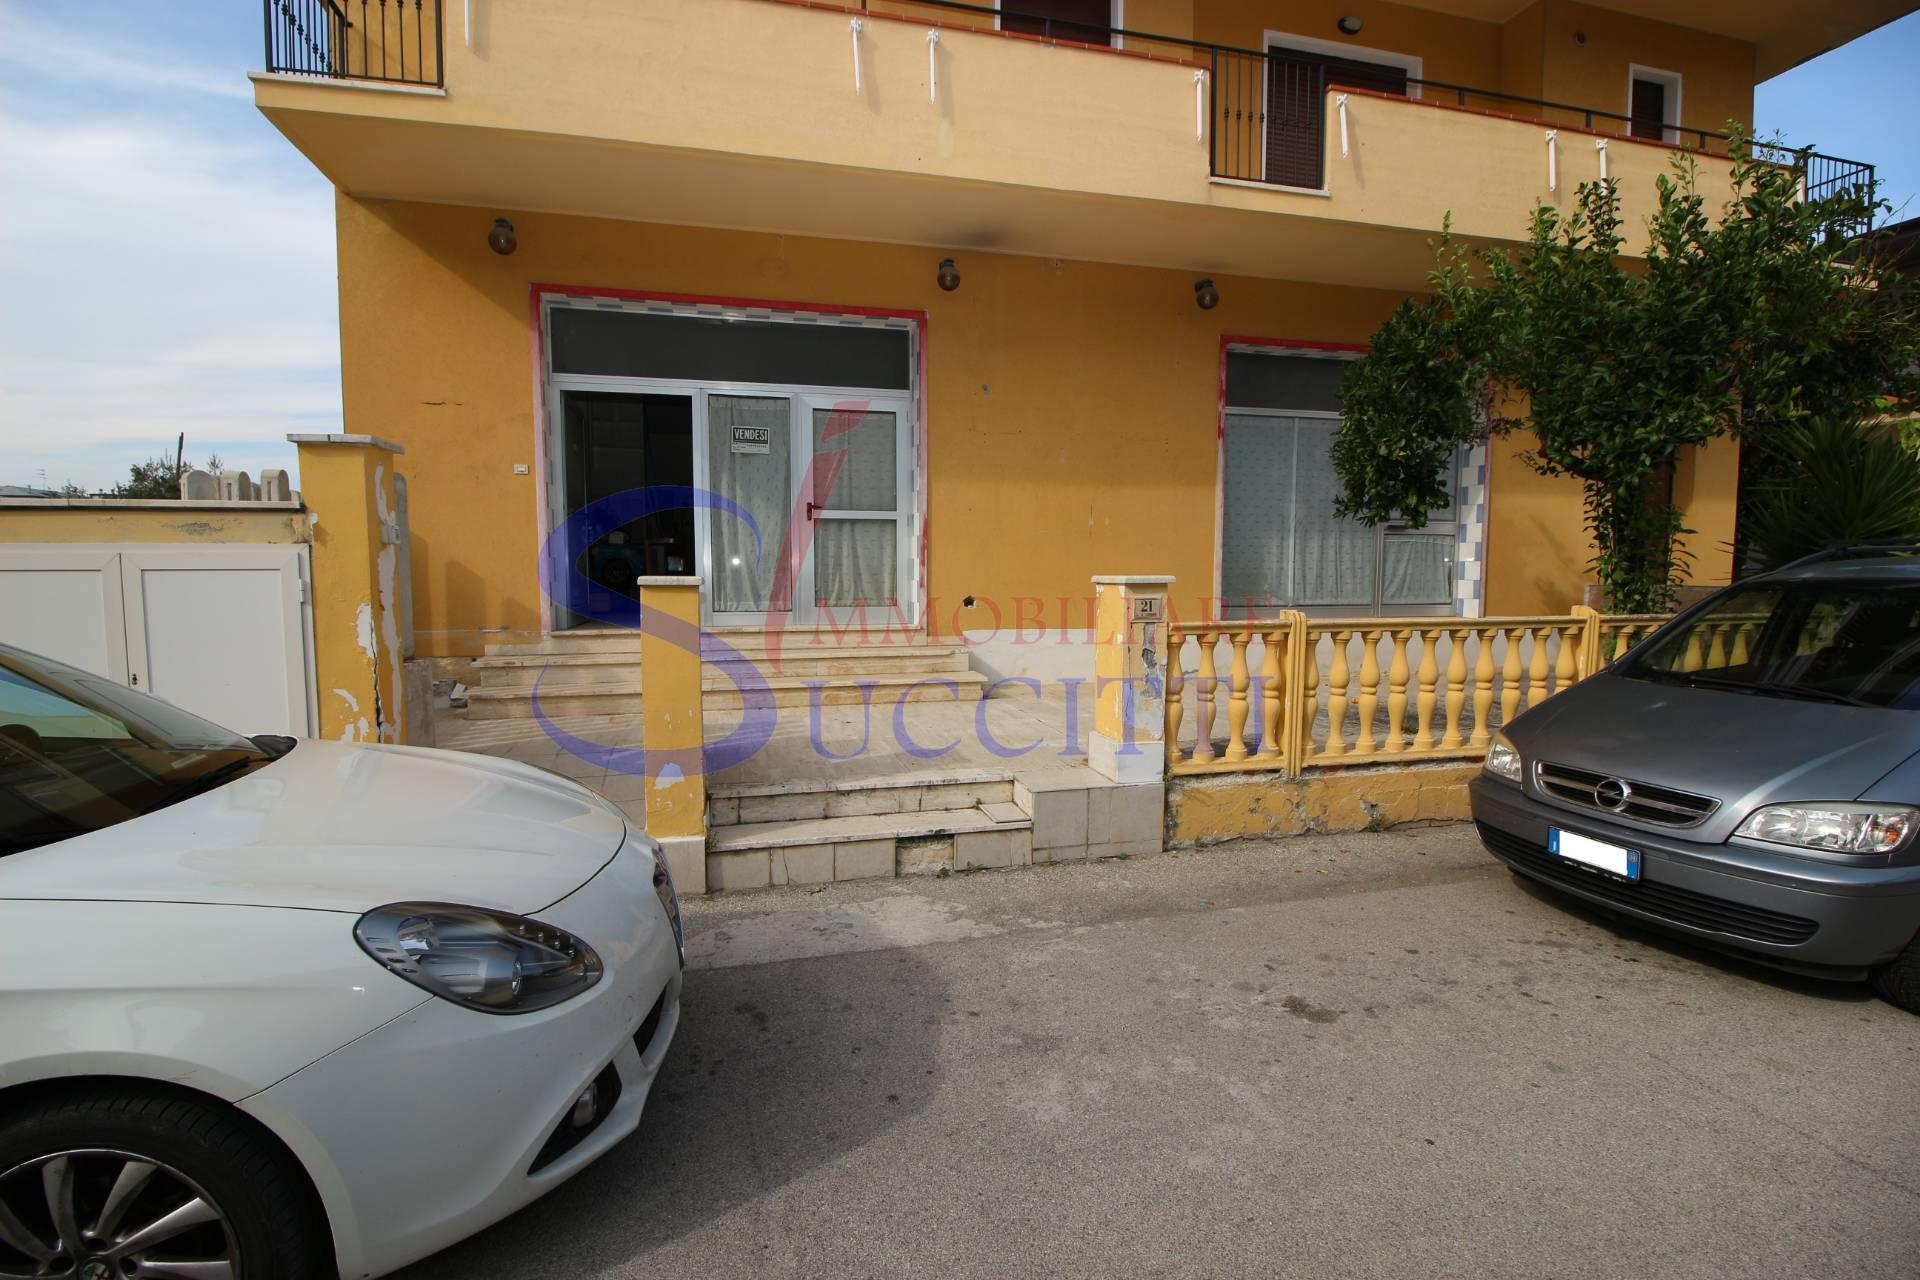 Appartamento in vendita a Alba Adriatica, 2 locali, zona Località: ZonaMare, prezzo € 138.000 | CambioCasa.it